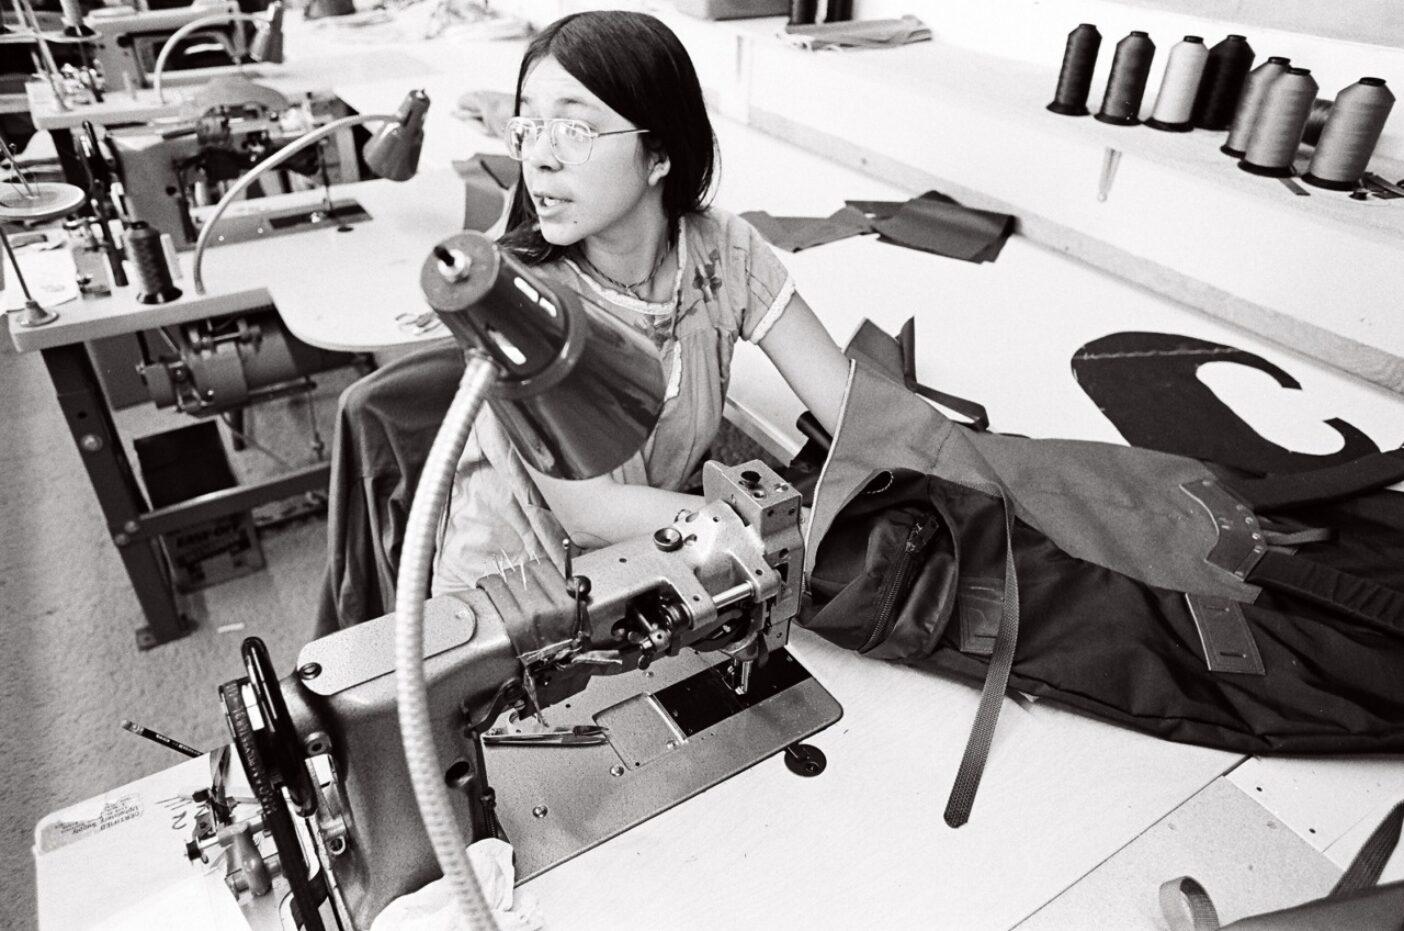 1973年シュイナード・イクイップメントのウルトラ・スール・バックパックに曲線の皮のストラップを縫い付けるという困難な仕事をする縫製マネージャーのヴァル・フランコ Photo:Gary Regester